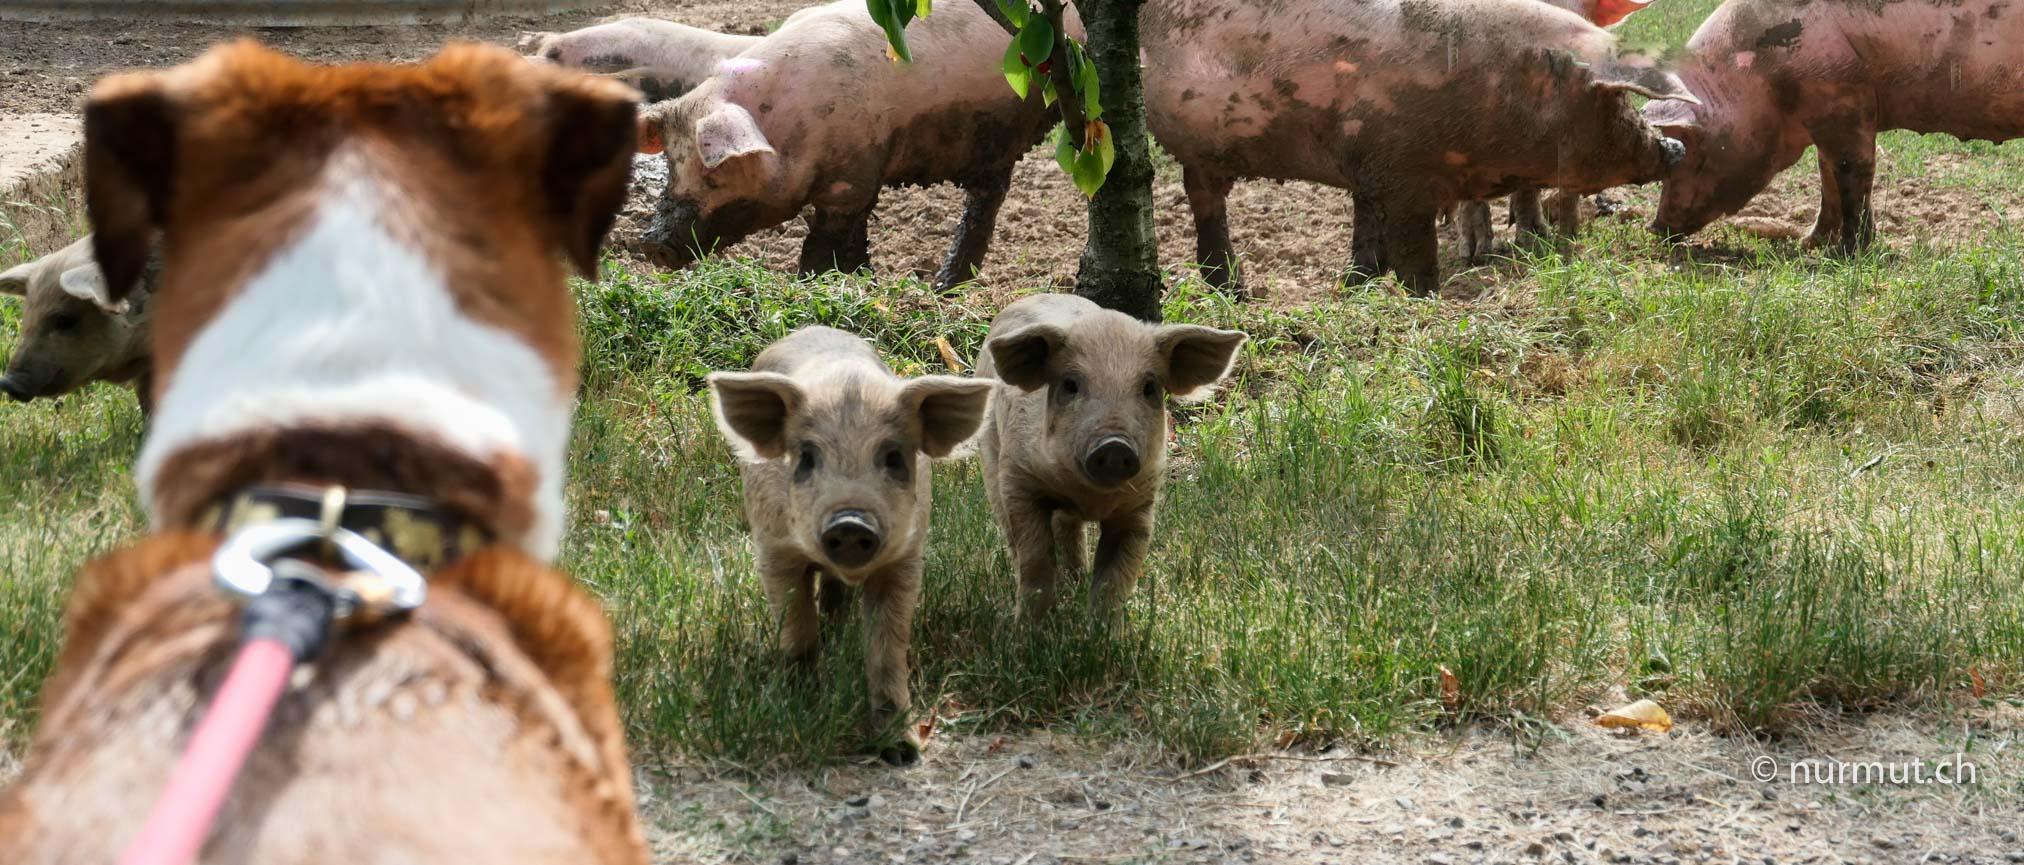 Bretagne-im-Winter-mit Wohnmobil-und-Hund-Schweine-Frischlinge